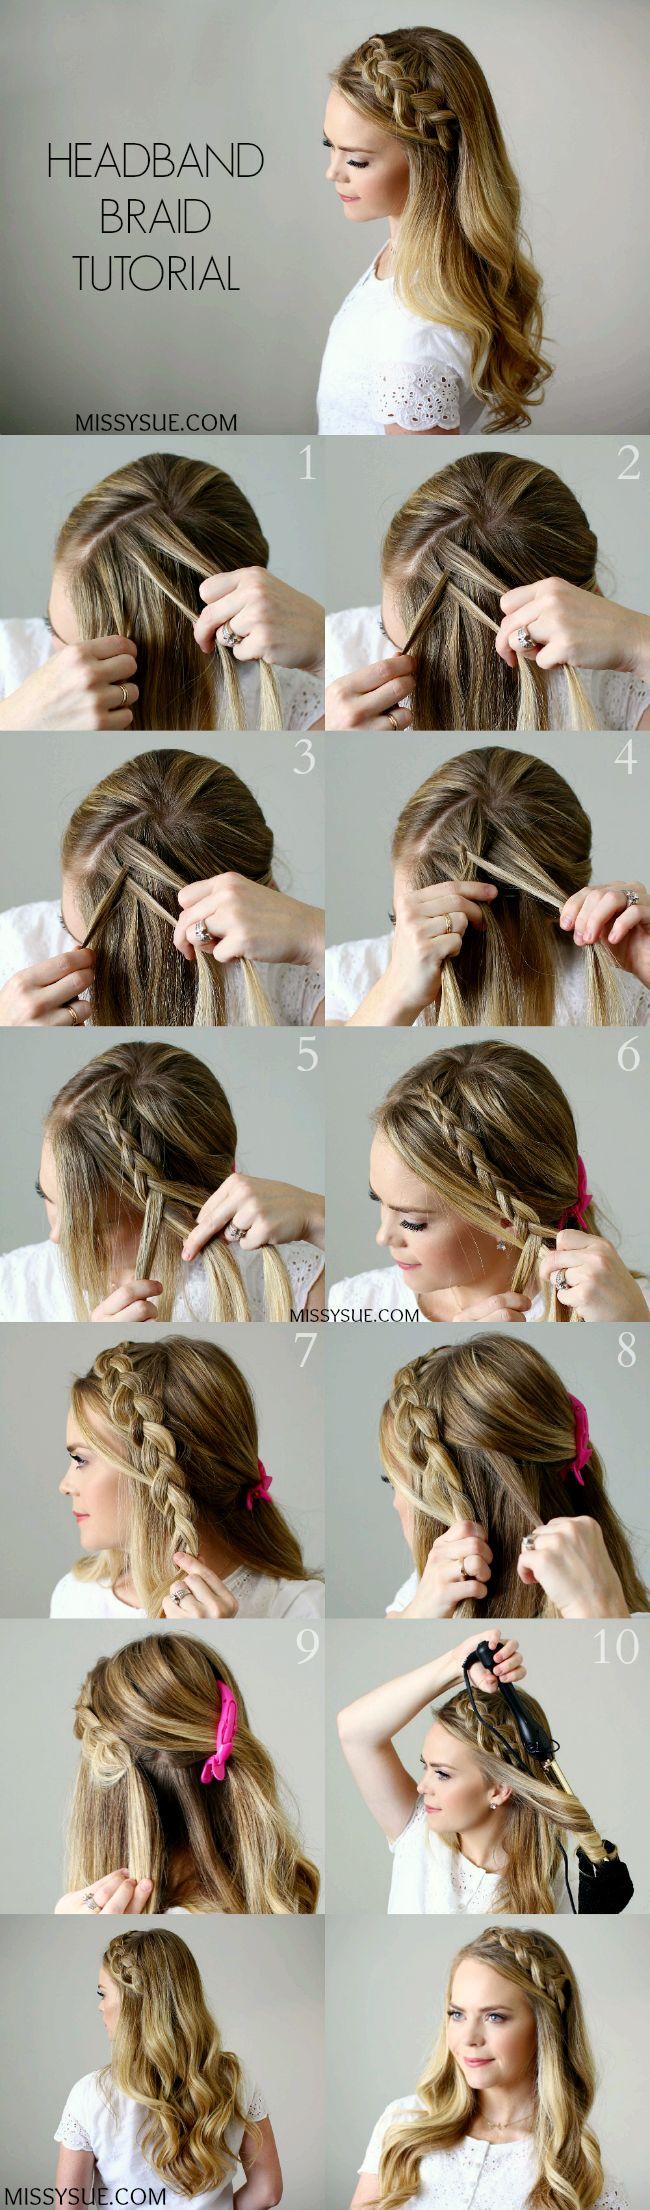 dutch-headband-braid-tutorial